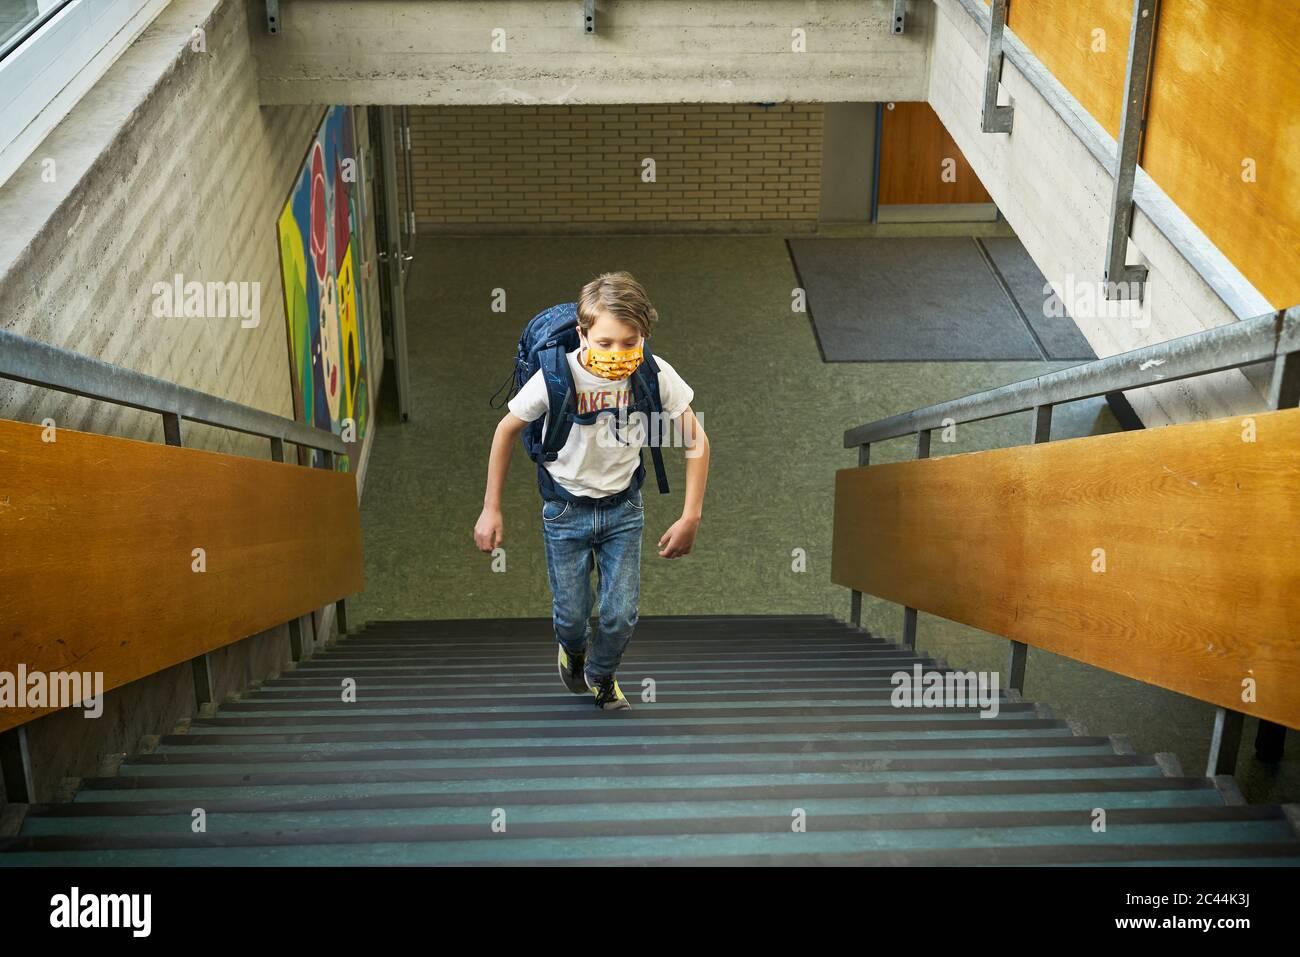 Niño usando máscara en la escuela subiendo las escaleras Foto de stock